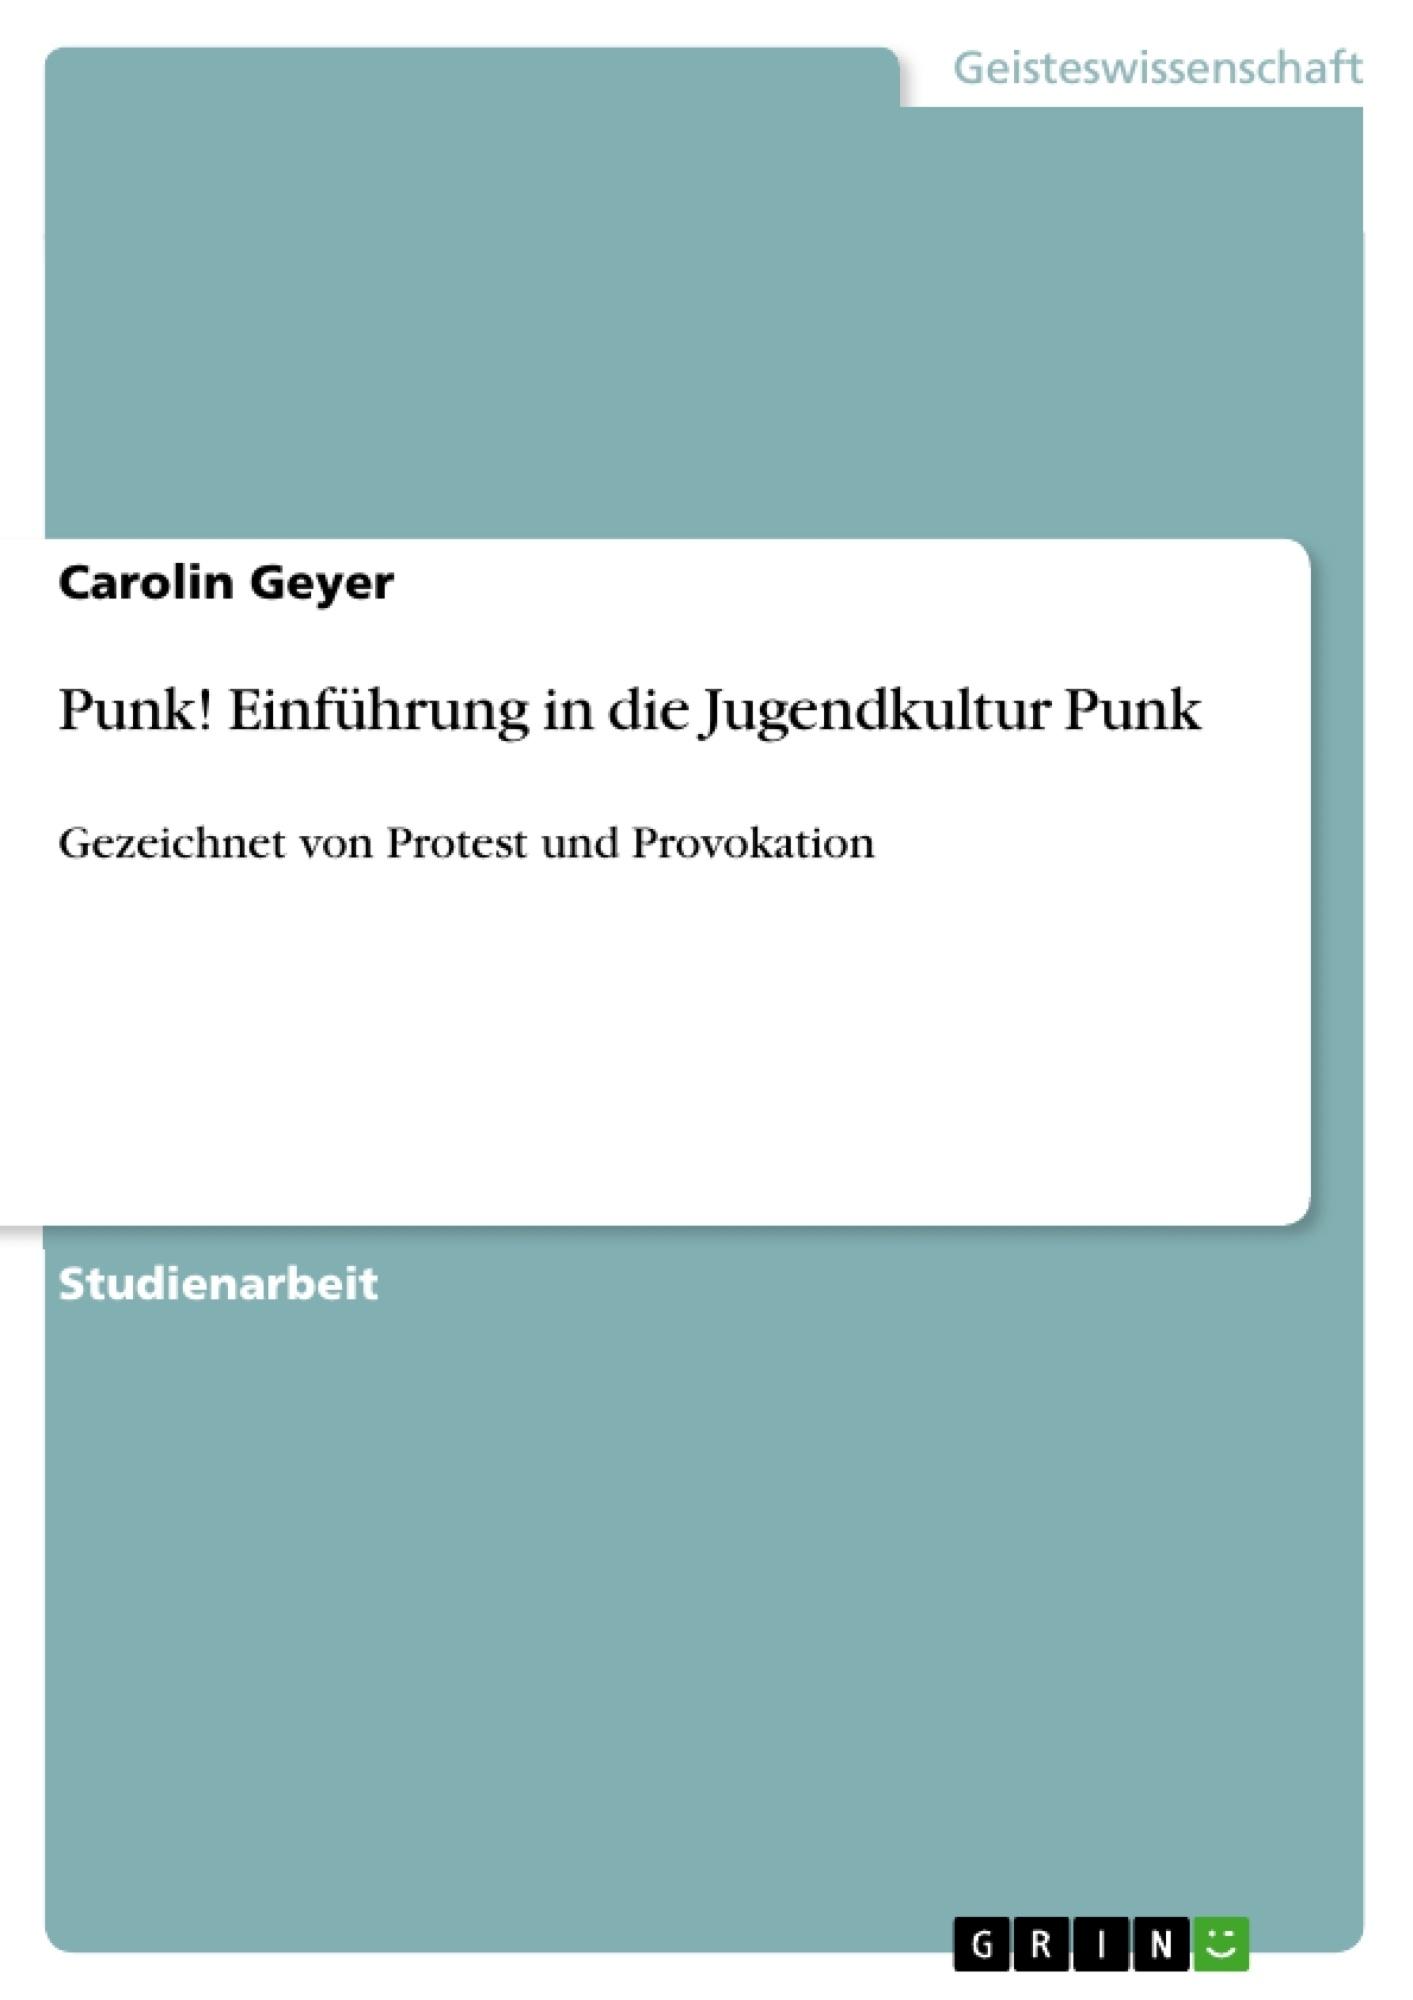 Titel: Punk! Einführung in die Jugendkultur Punk